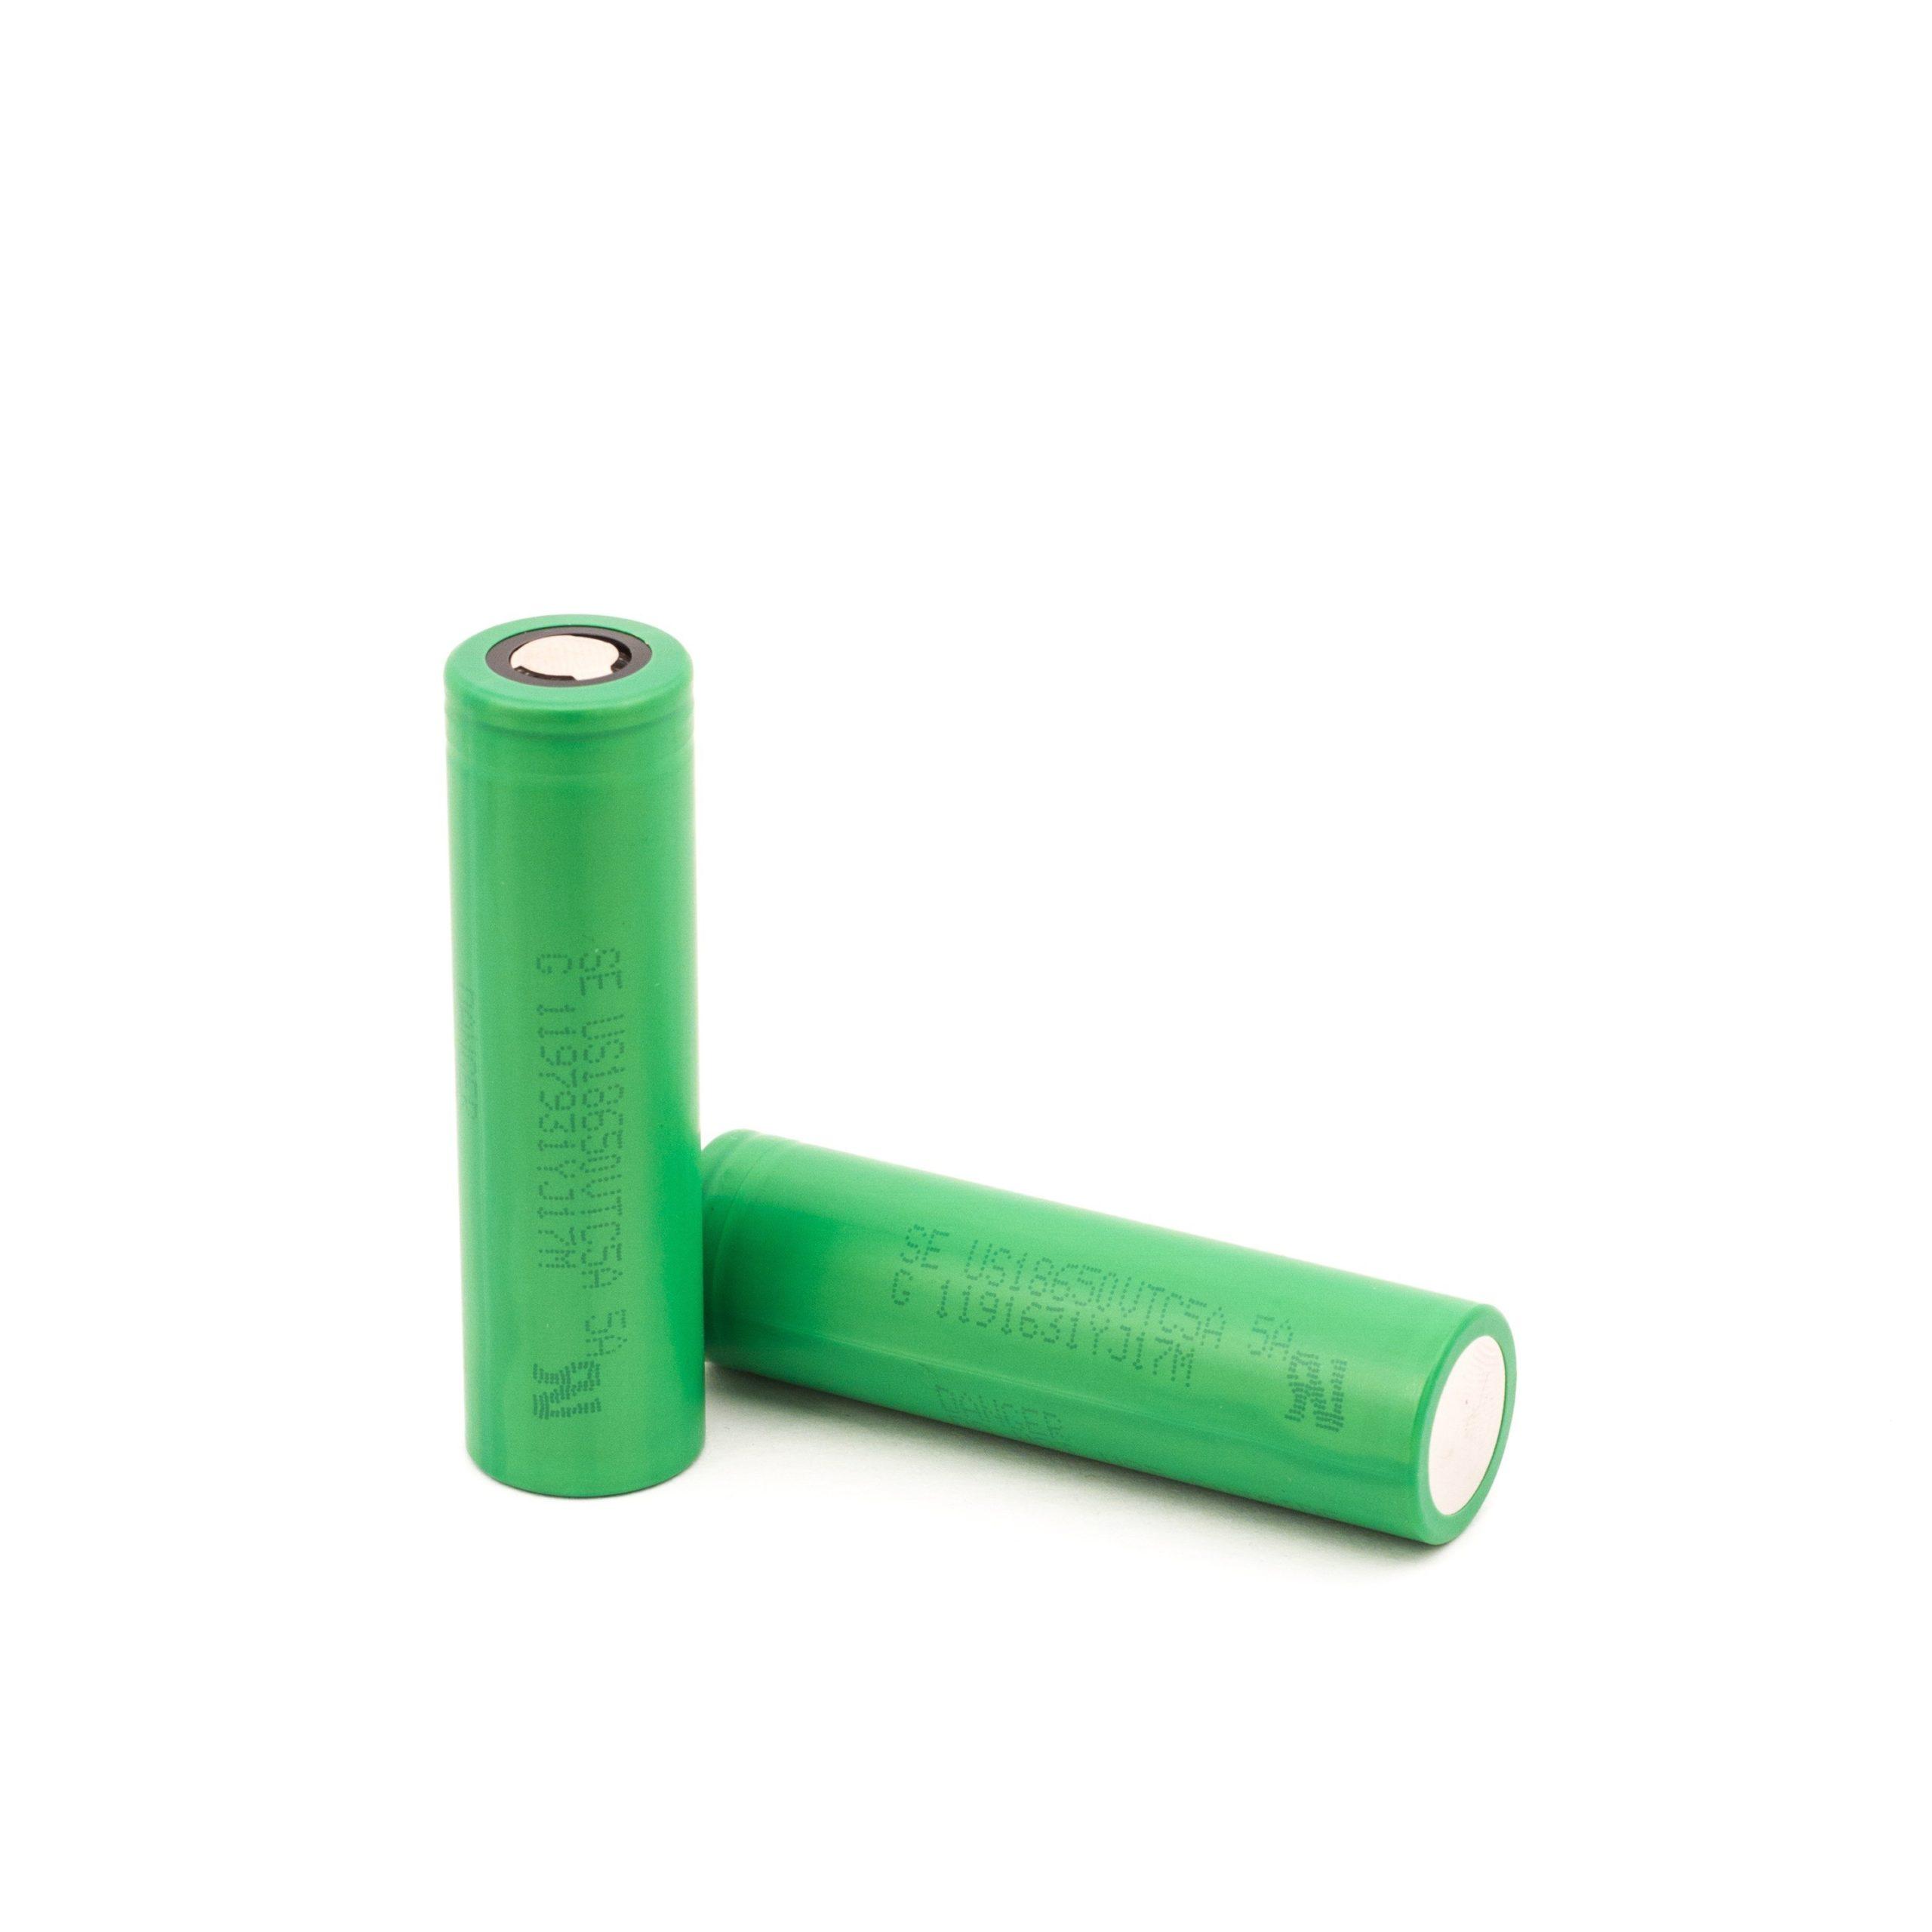 Flat top batterij met vermogen van 2600mAh en rating van 35A.